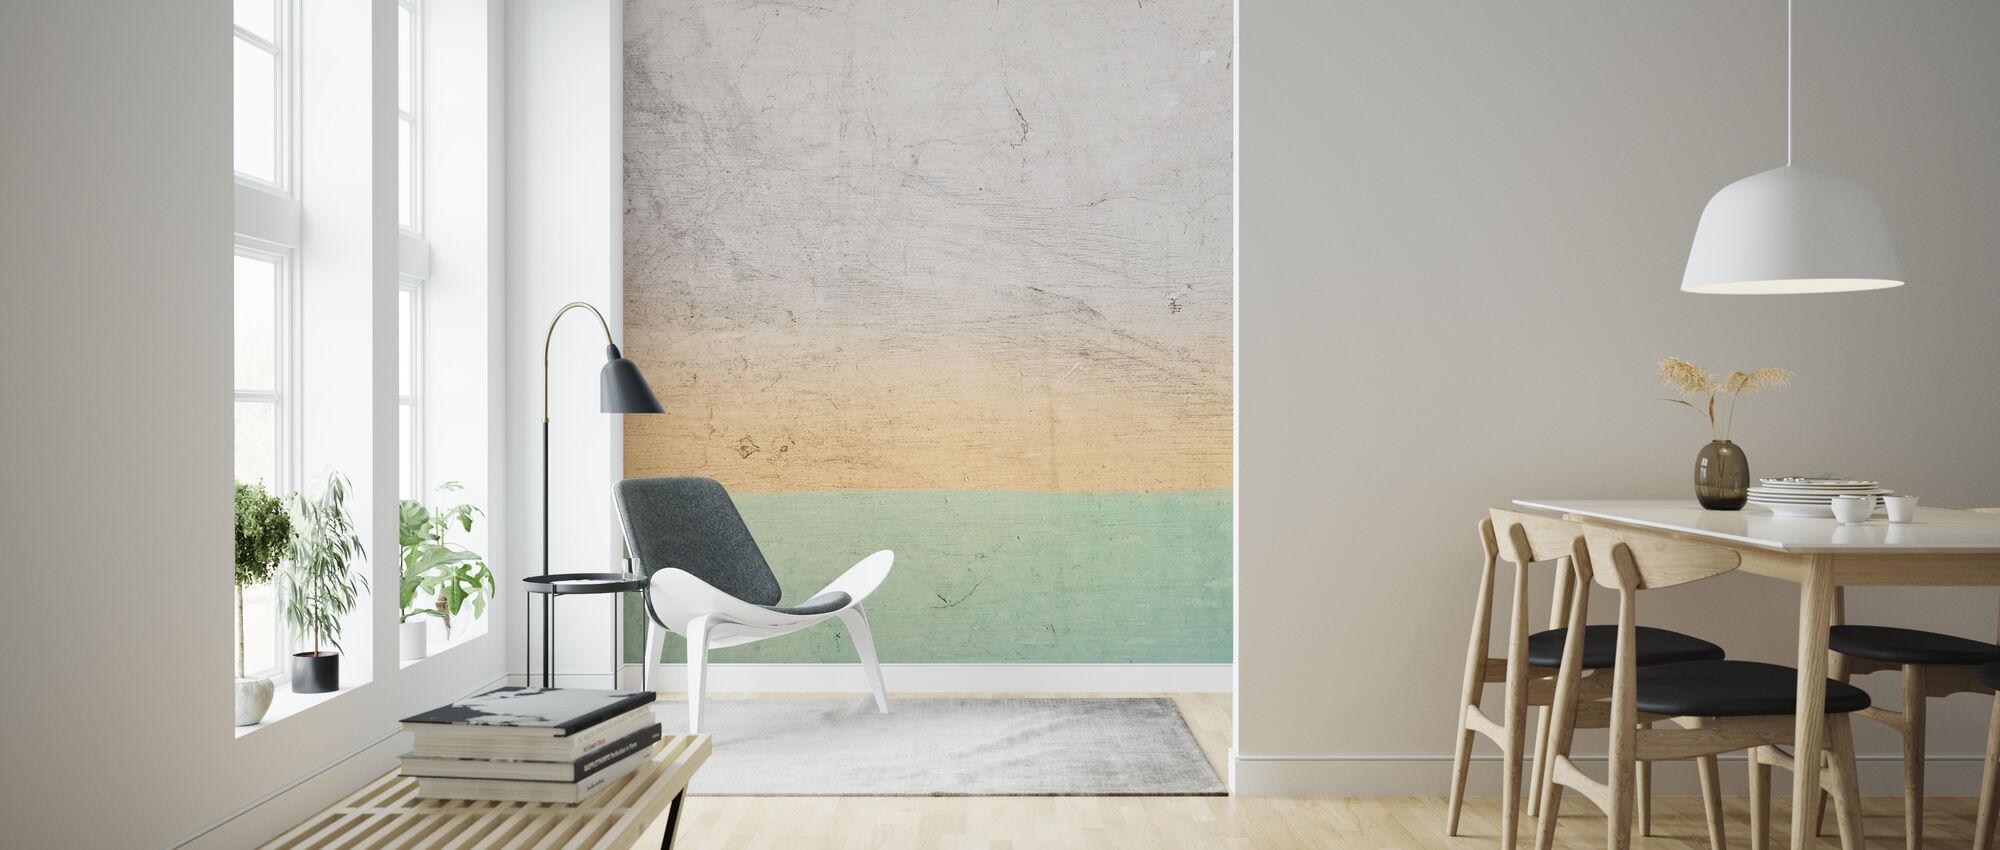 Wall Conceptual Art - Wallpaper - Living Room